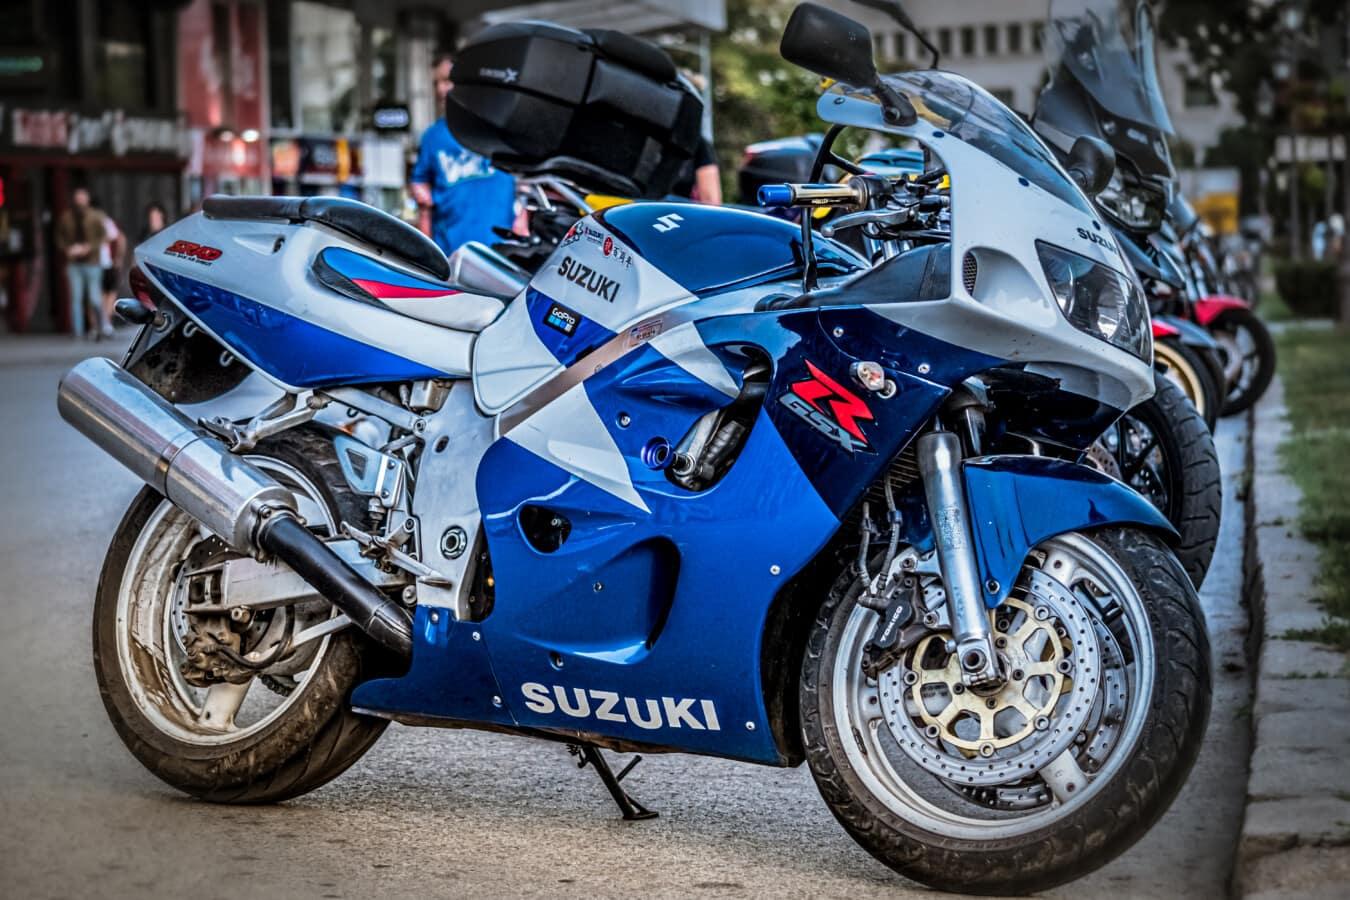 Motorrad, Suzuki, dunkelblau, Motor, metallische, Motorrad, glänzend, Straße, Parken, Geschwindigkeit